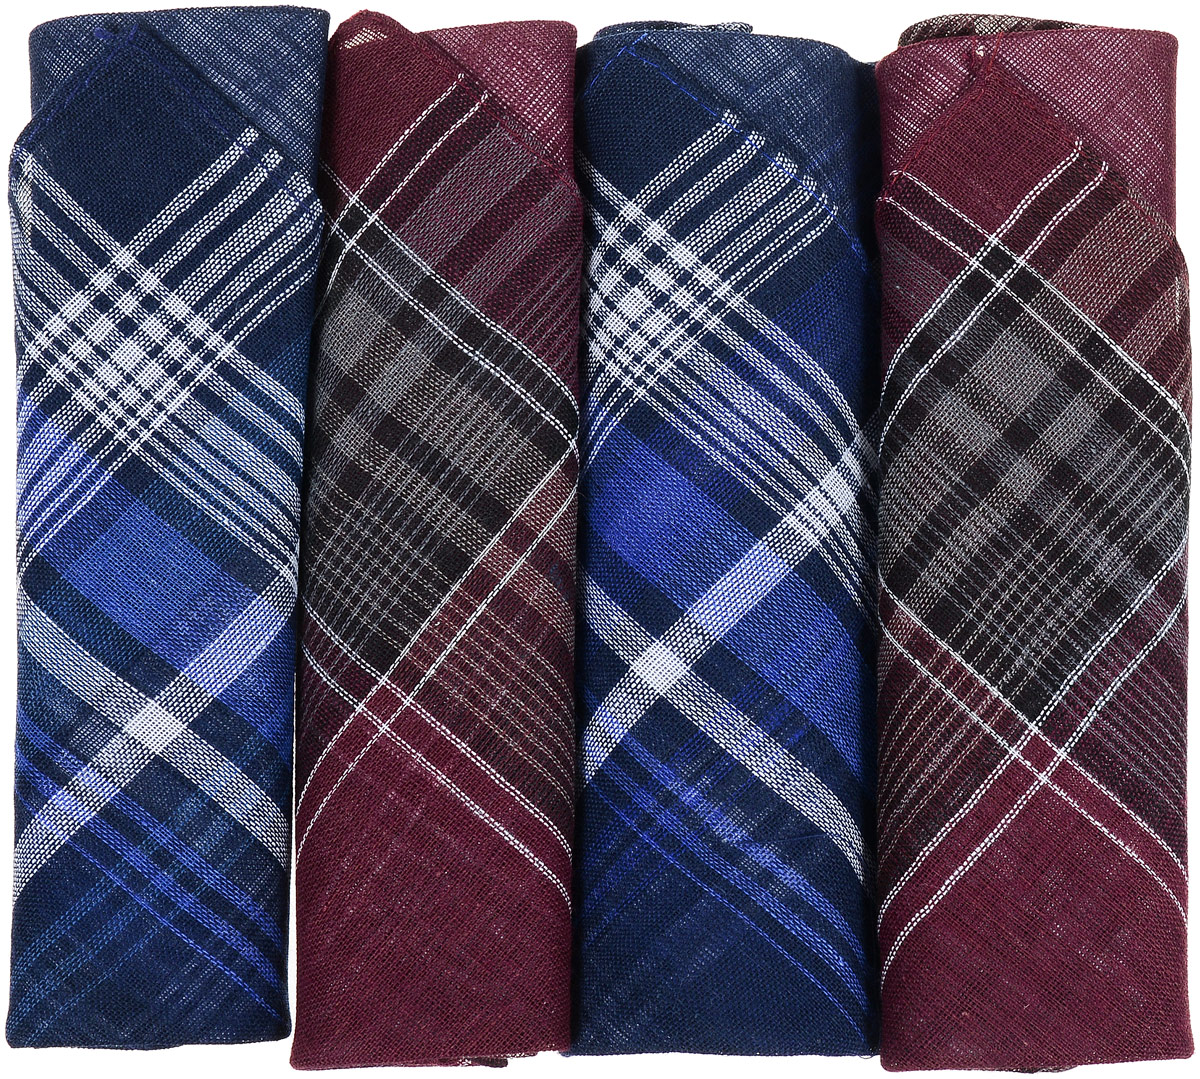 Платок носовой мужской Zlata Korunka, цвет: темно-синий, бордовый. 67002. Размер 34 х 34 см, 4 штСерьги с подвескамиНосовой платок Zlata Korunka изготовлен из высококачественного натурального хлопка, благодаря чему приятен в использовании, хорошо стирается, не садится и отлично впитывает влагу. Практичный носовой платок будет незаменим в повседневной жизни любого современного человека. Такой платок послужит стильным аксессуаром и подчеркнет ваше превосходное чувство вкуса. В комплекте 4 платка.